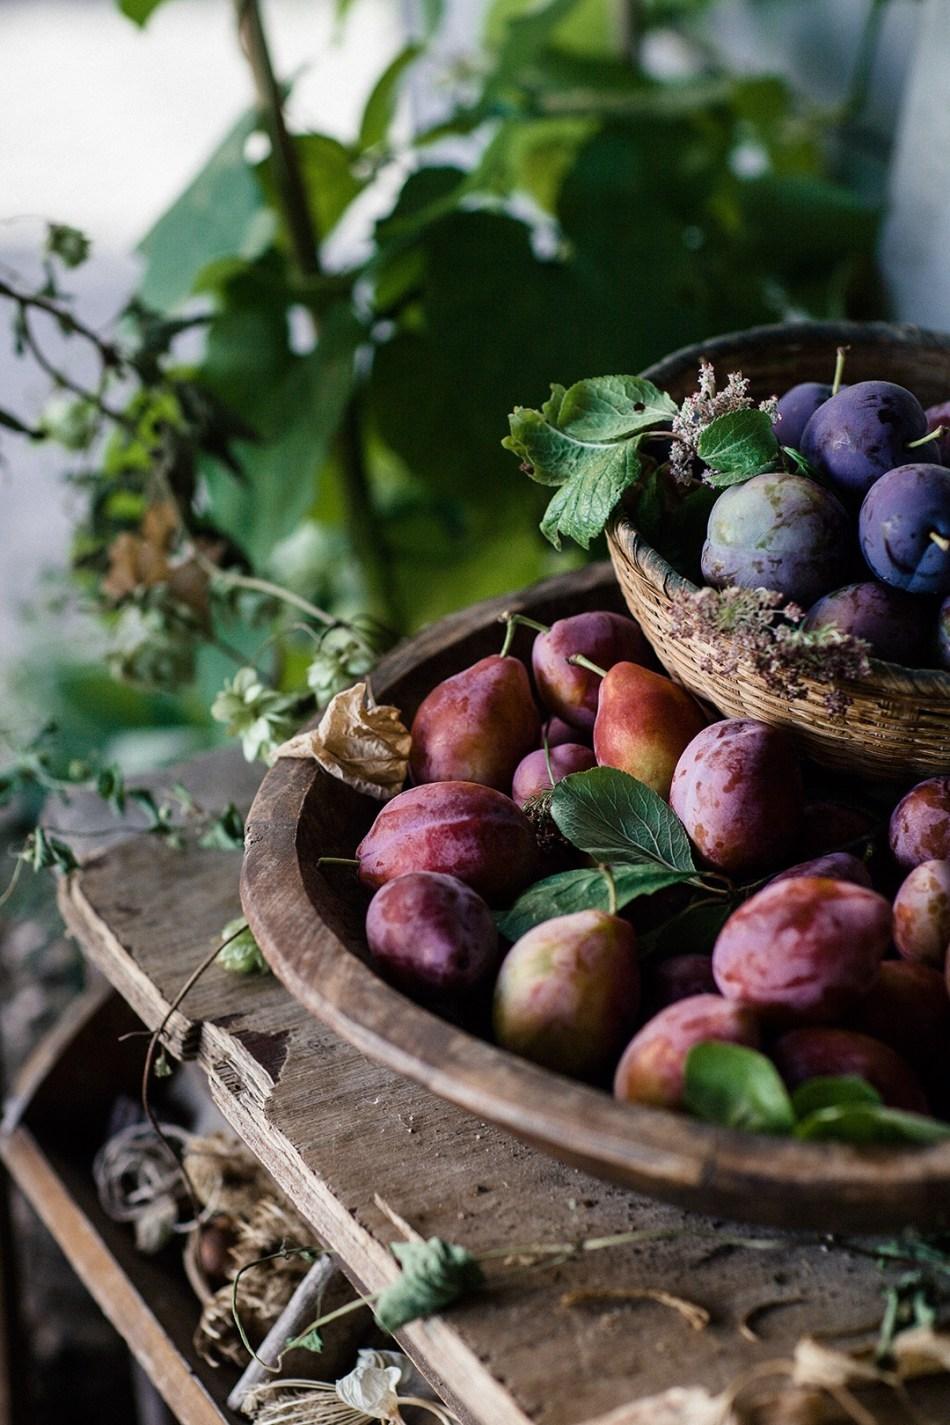 _mg_1331_my garden plums